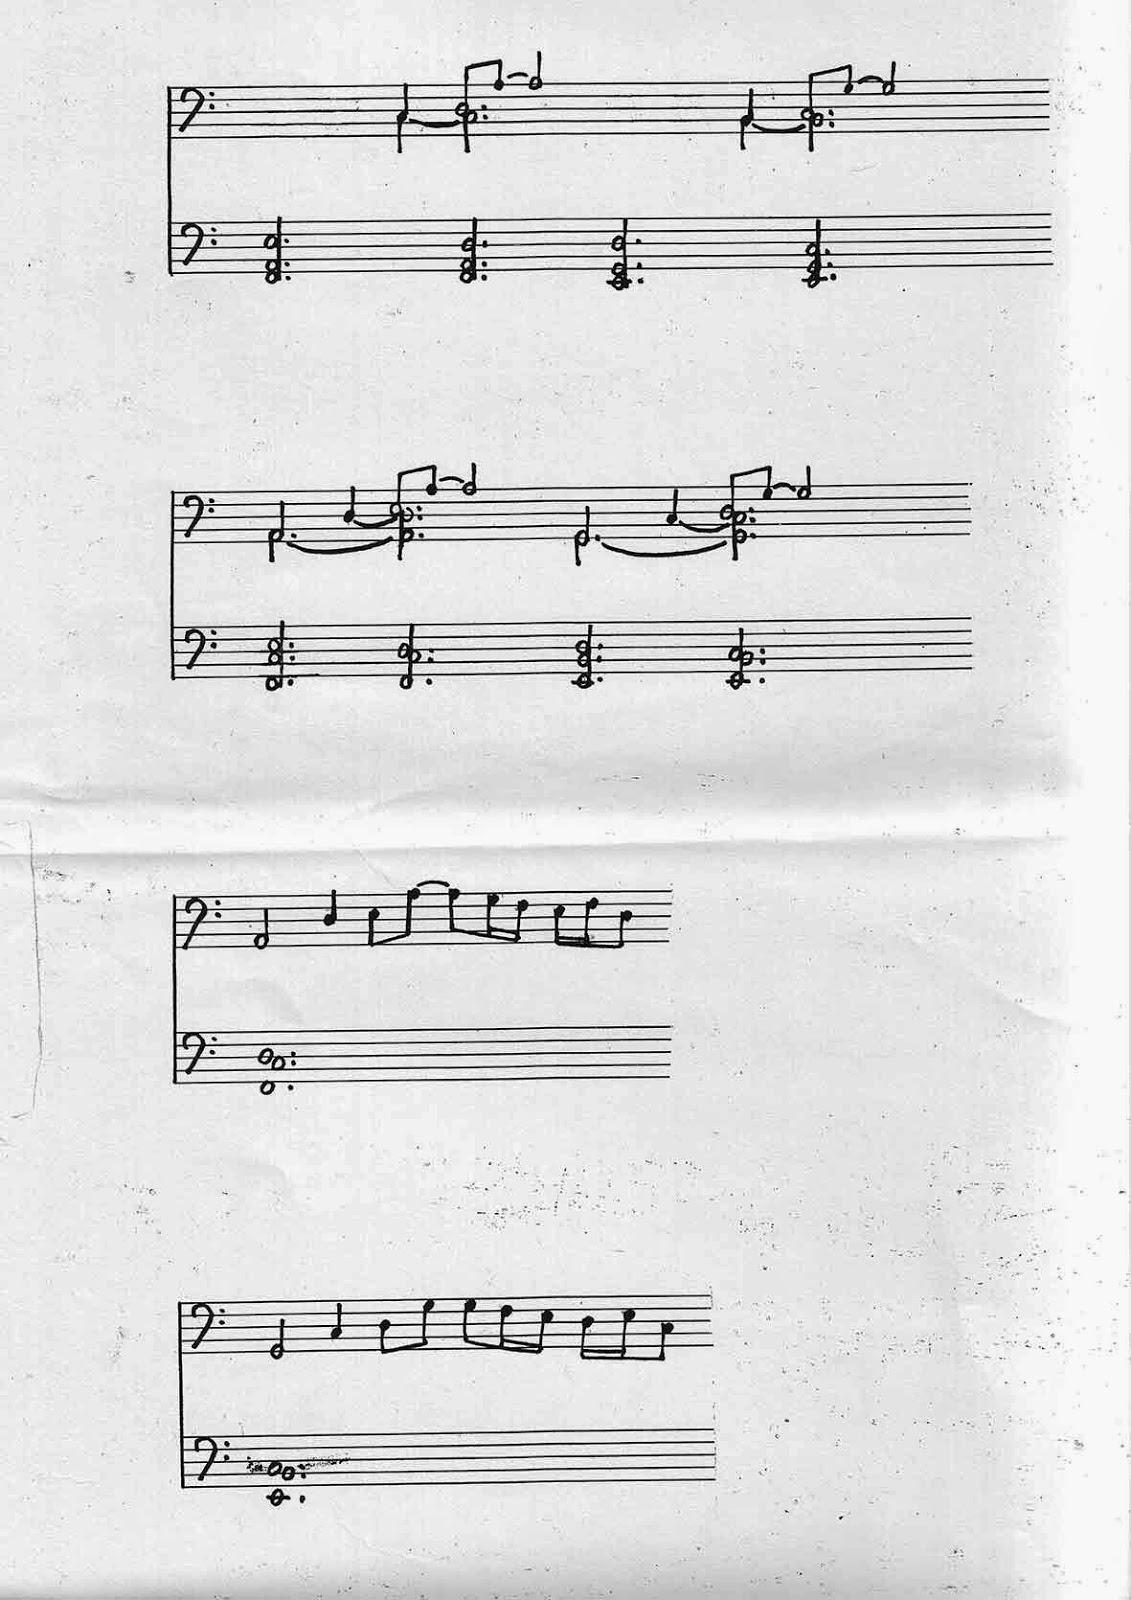 Chris Newman notation